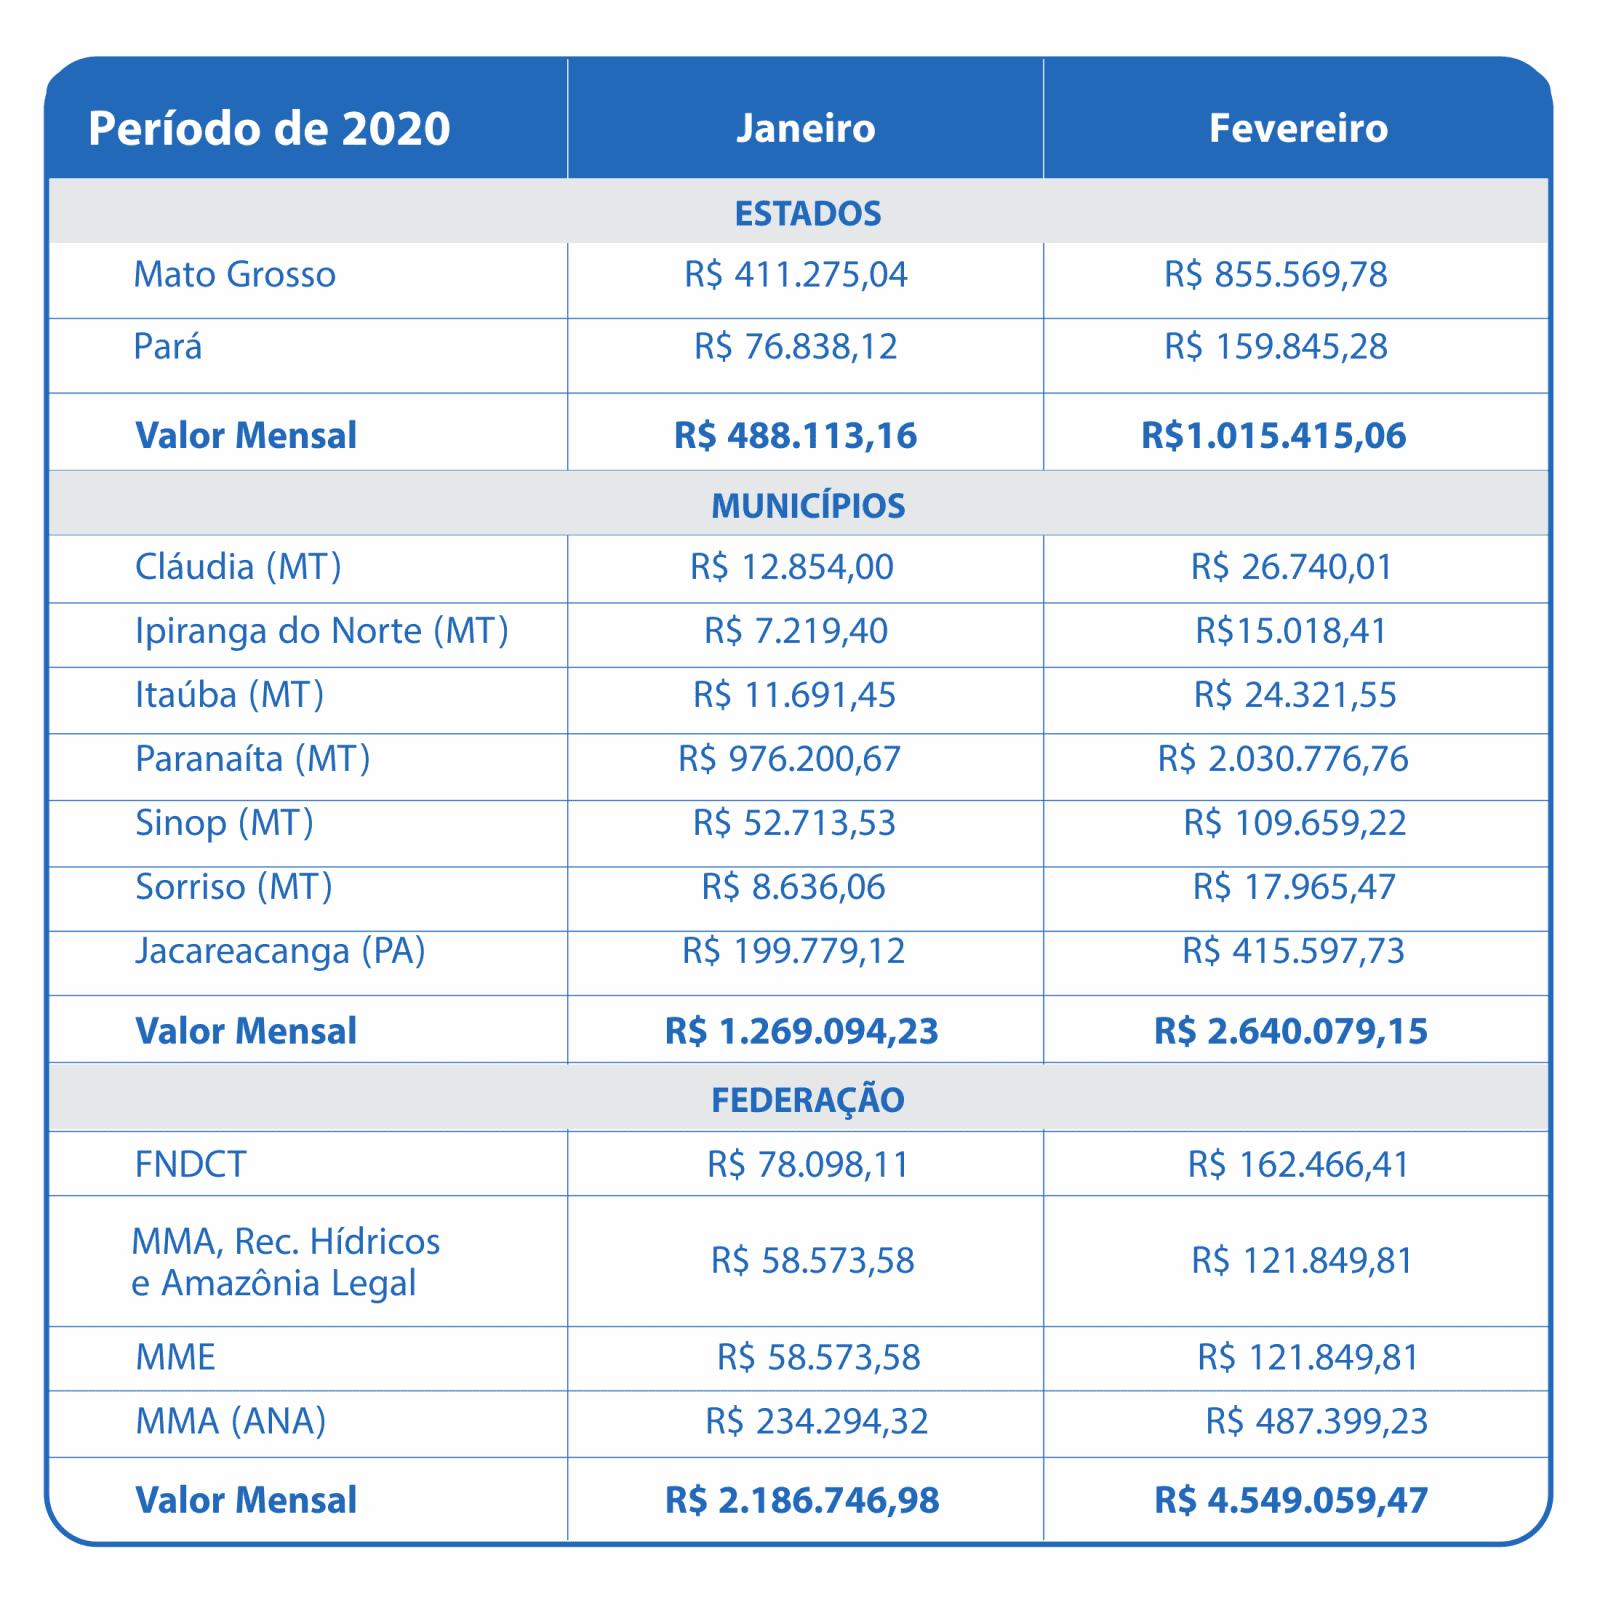 Fevereiro 2020 – Compensação Financeira UHE Teles Pires – Jacareacanga/PA e Paranaíta/MT